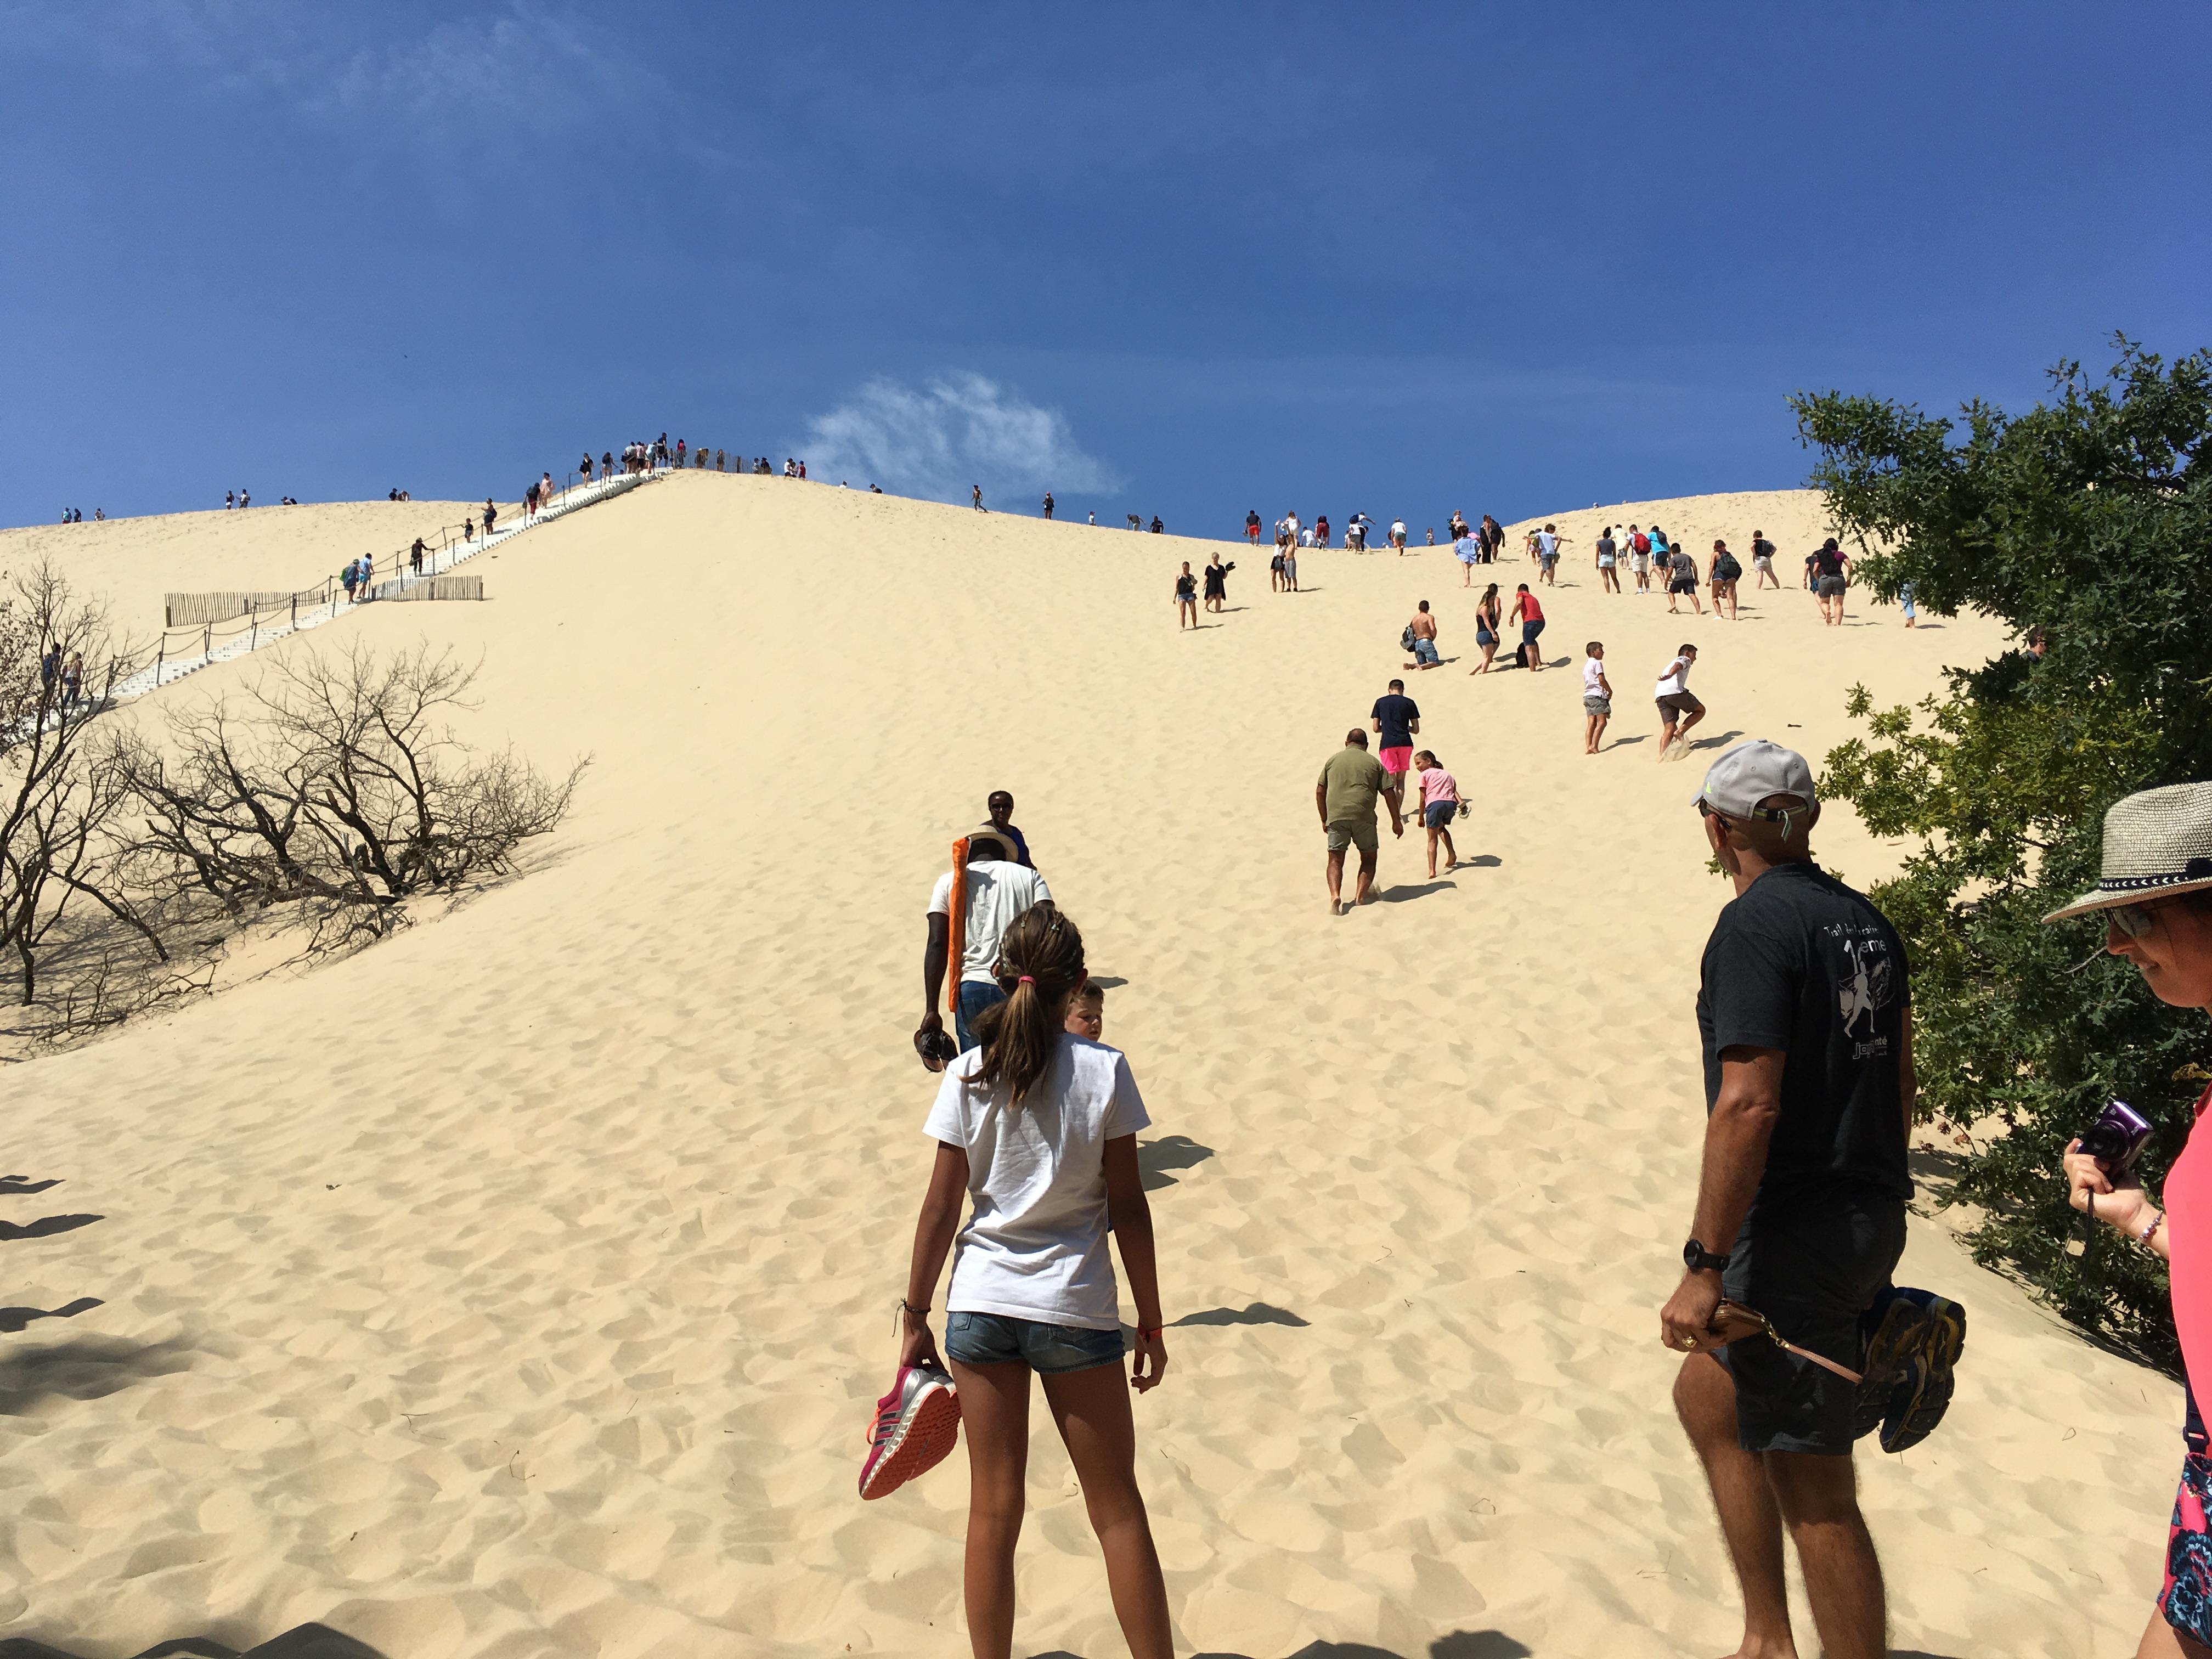 フランスの秘境「ピラ砂丘Dune du Pilat」への行き方を詳しくガイドします